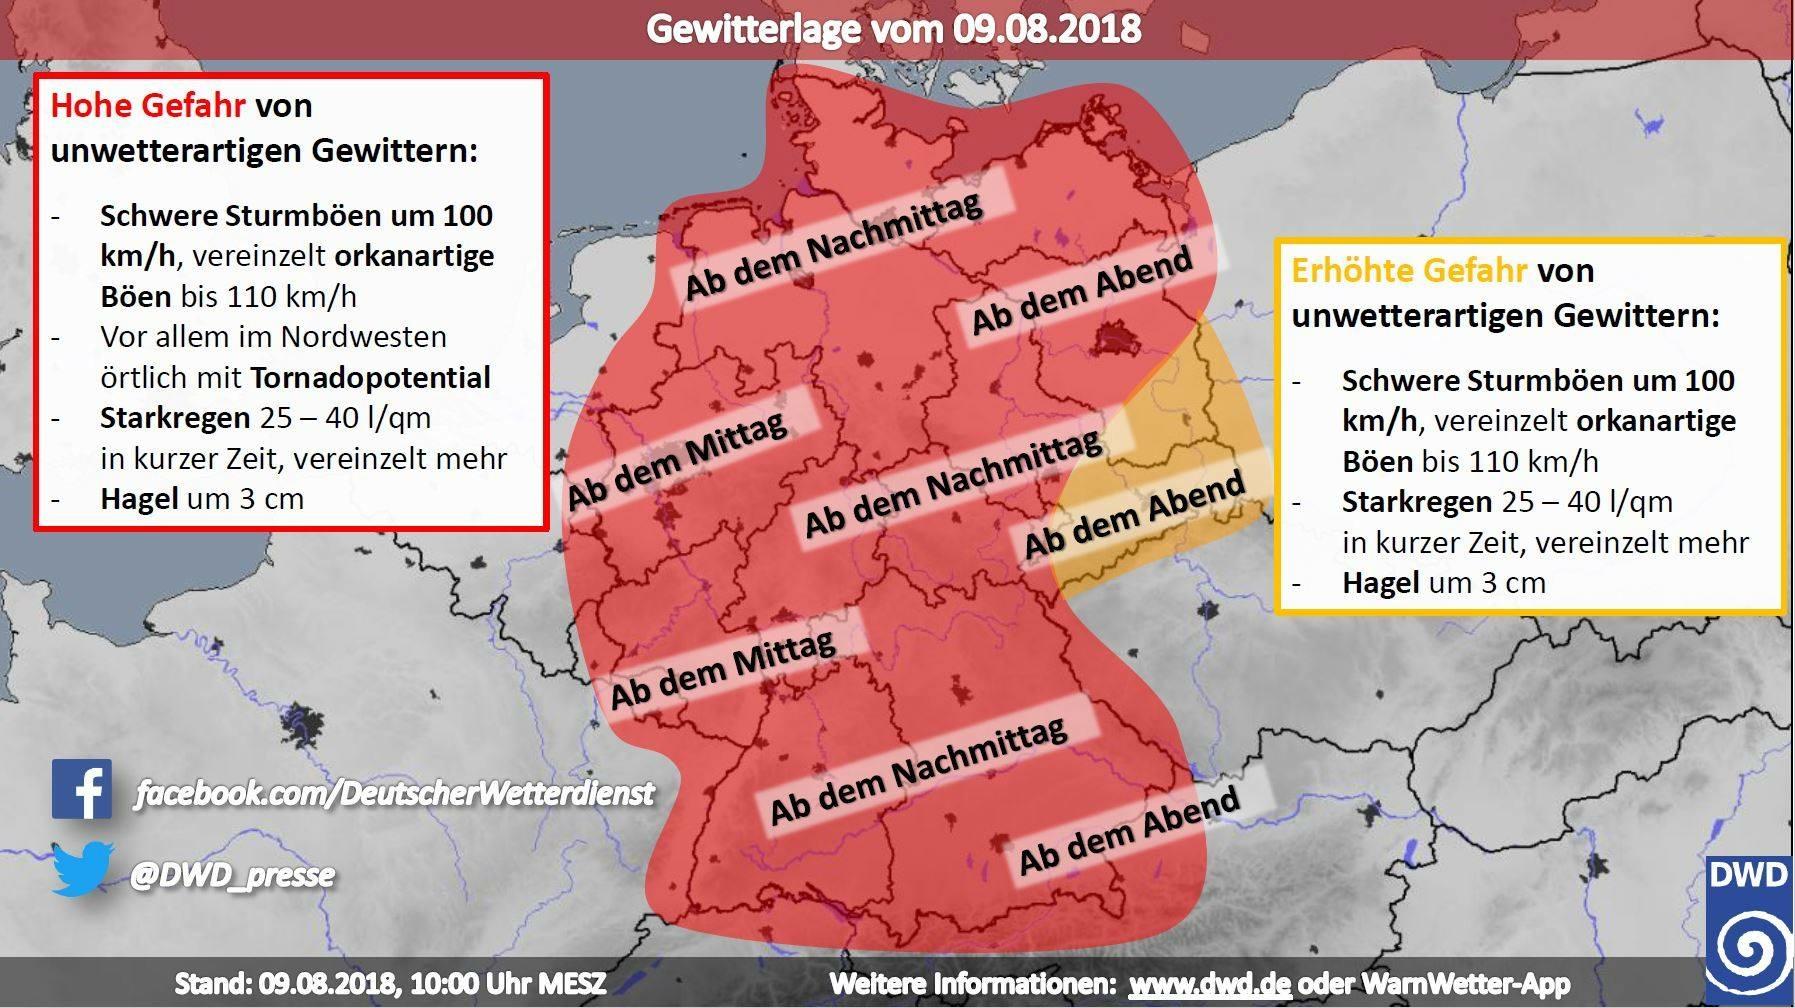 unwetterwarnungen deutscher wetterdienst